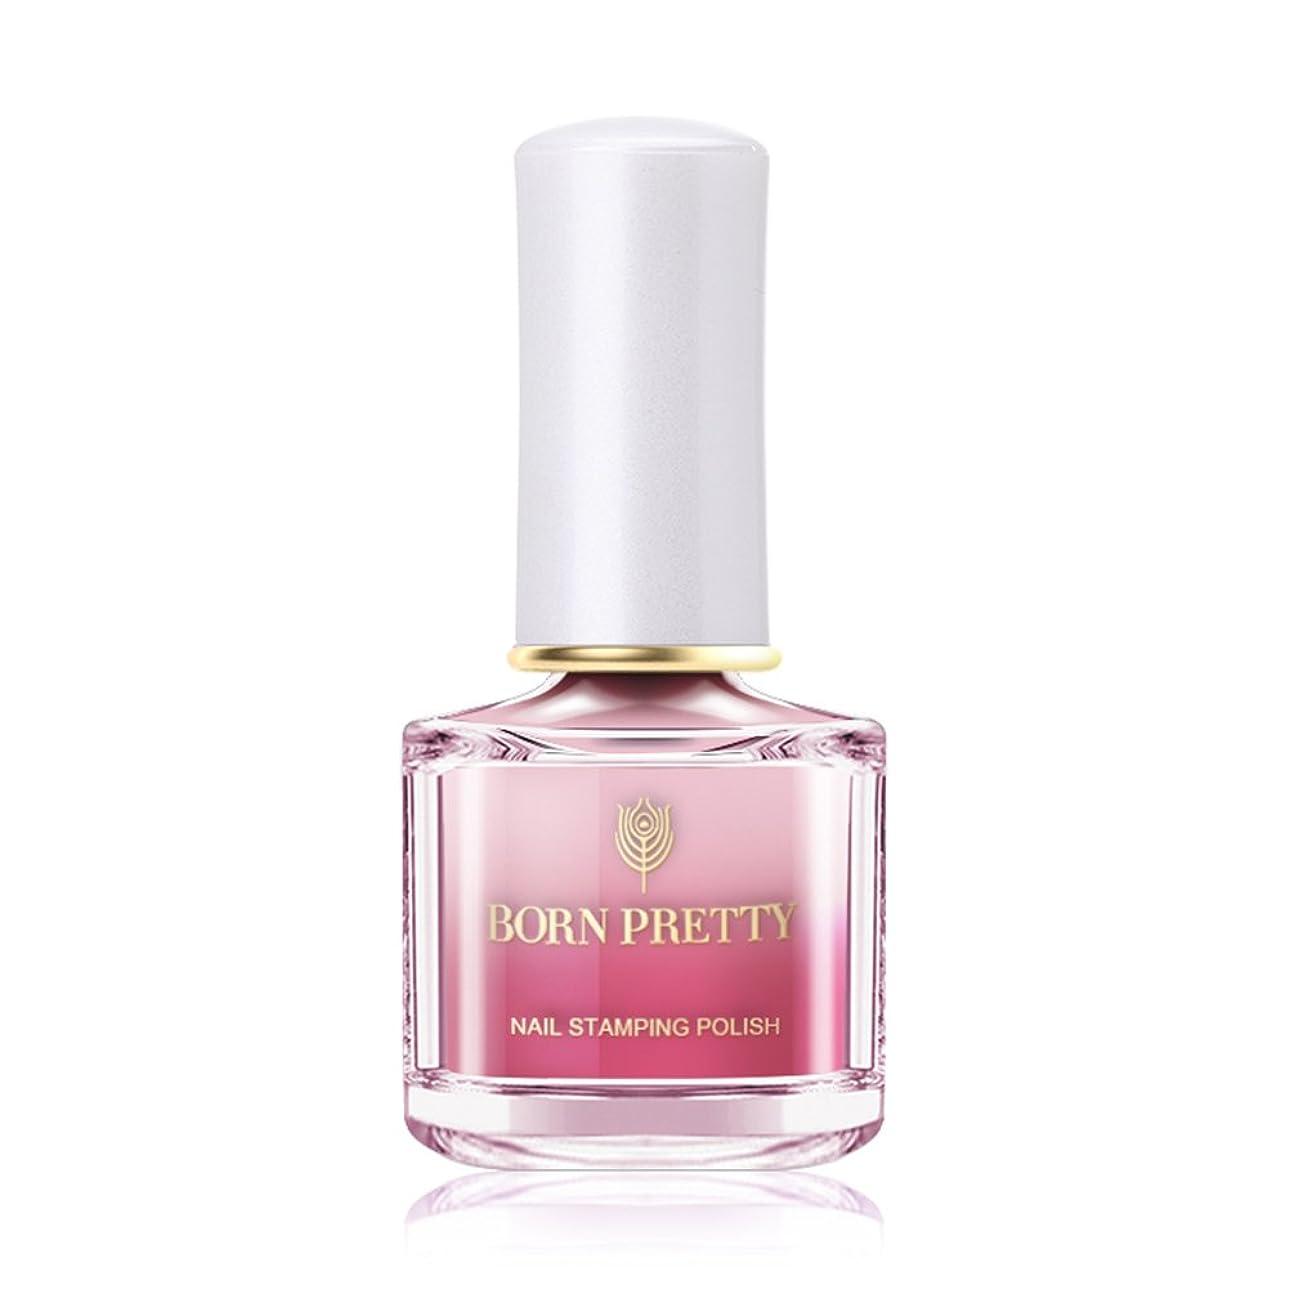 リダクター野ウサギダイヤモンドBORN PRETTY カメレオンスタンピングネイルカラー 温度によって色が変わる 6ml 【全12色】 セルフネイルスタンピングネイル (BP-I10 Beauty in pink) [並行輸入品]